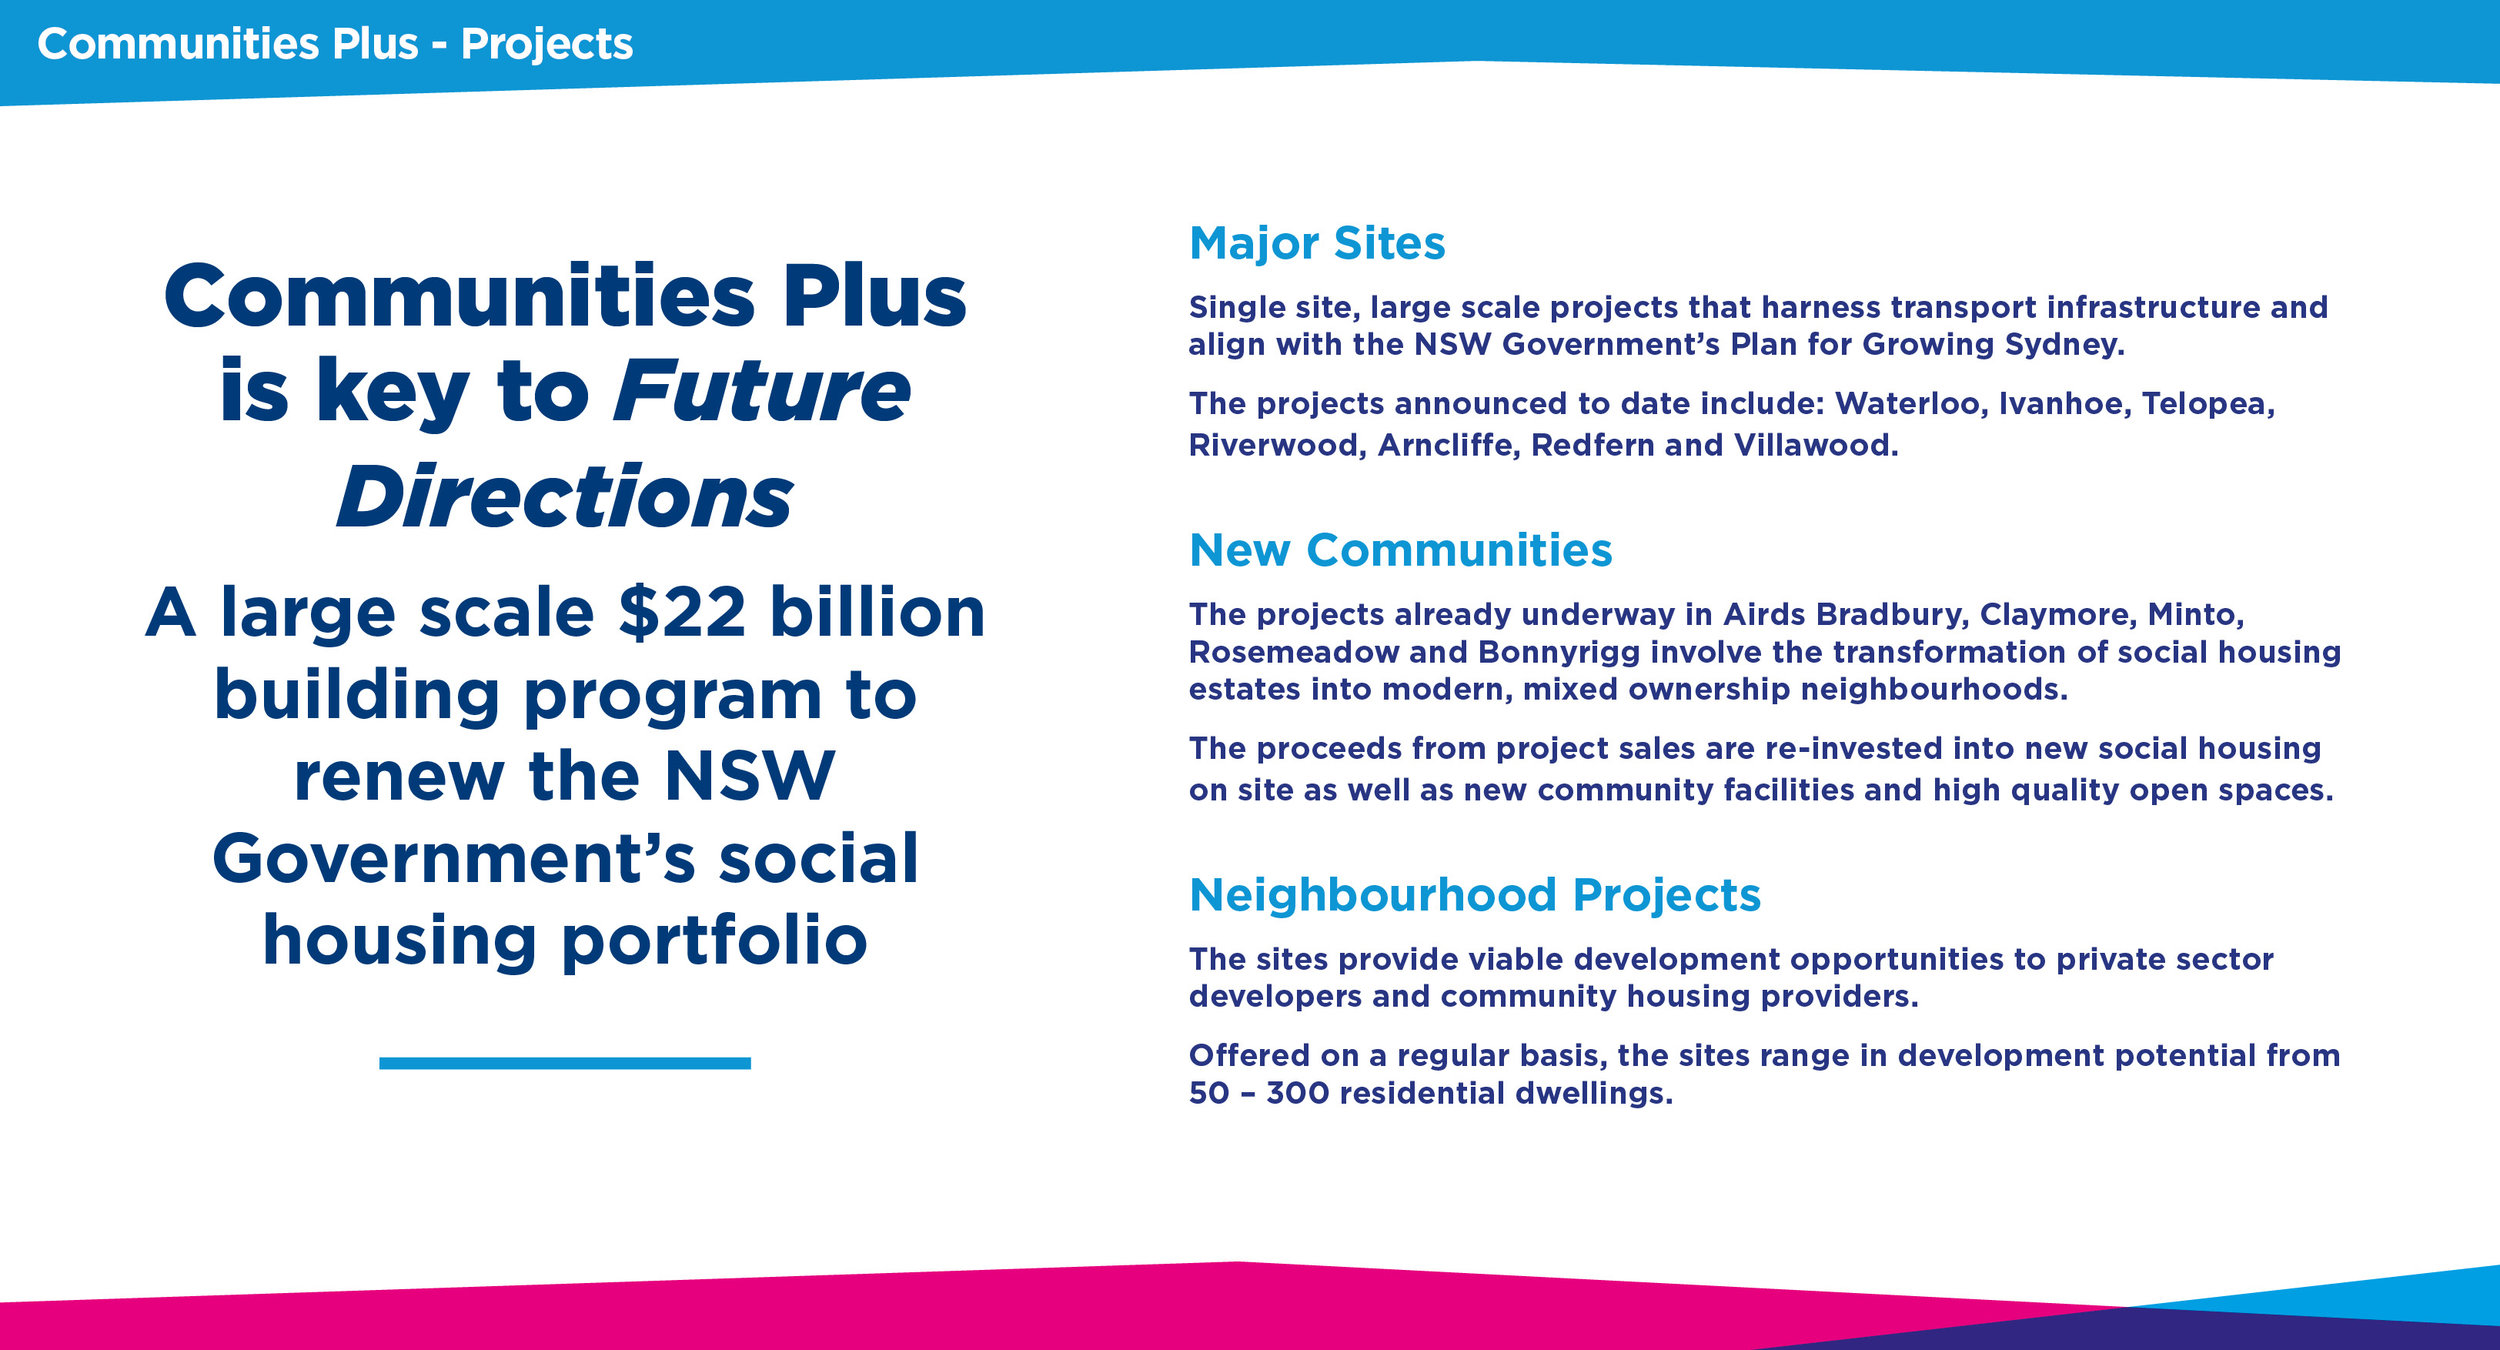 Communities Plus - Projects Map — Communities Plus